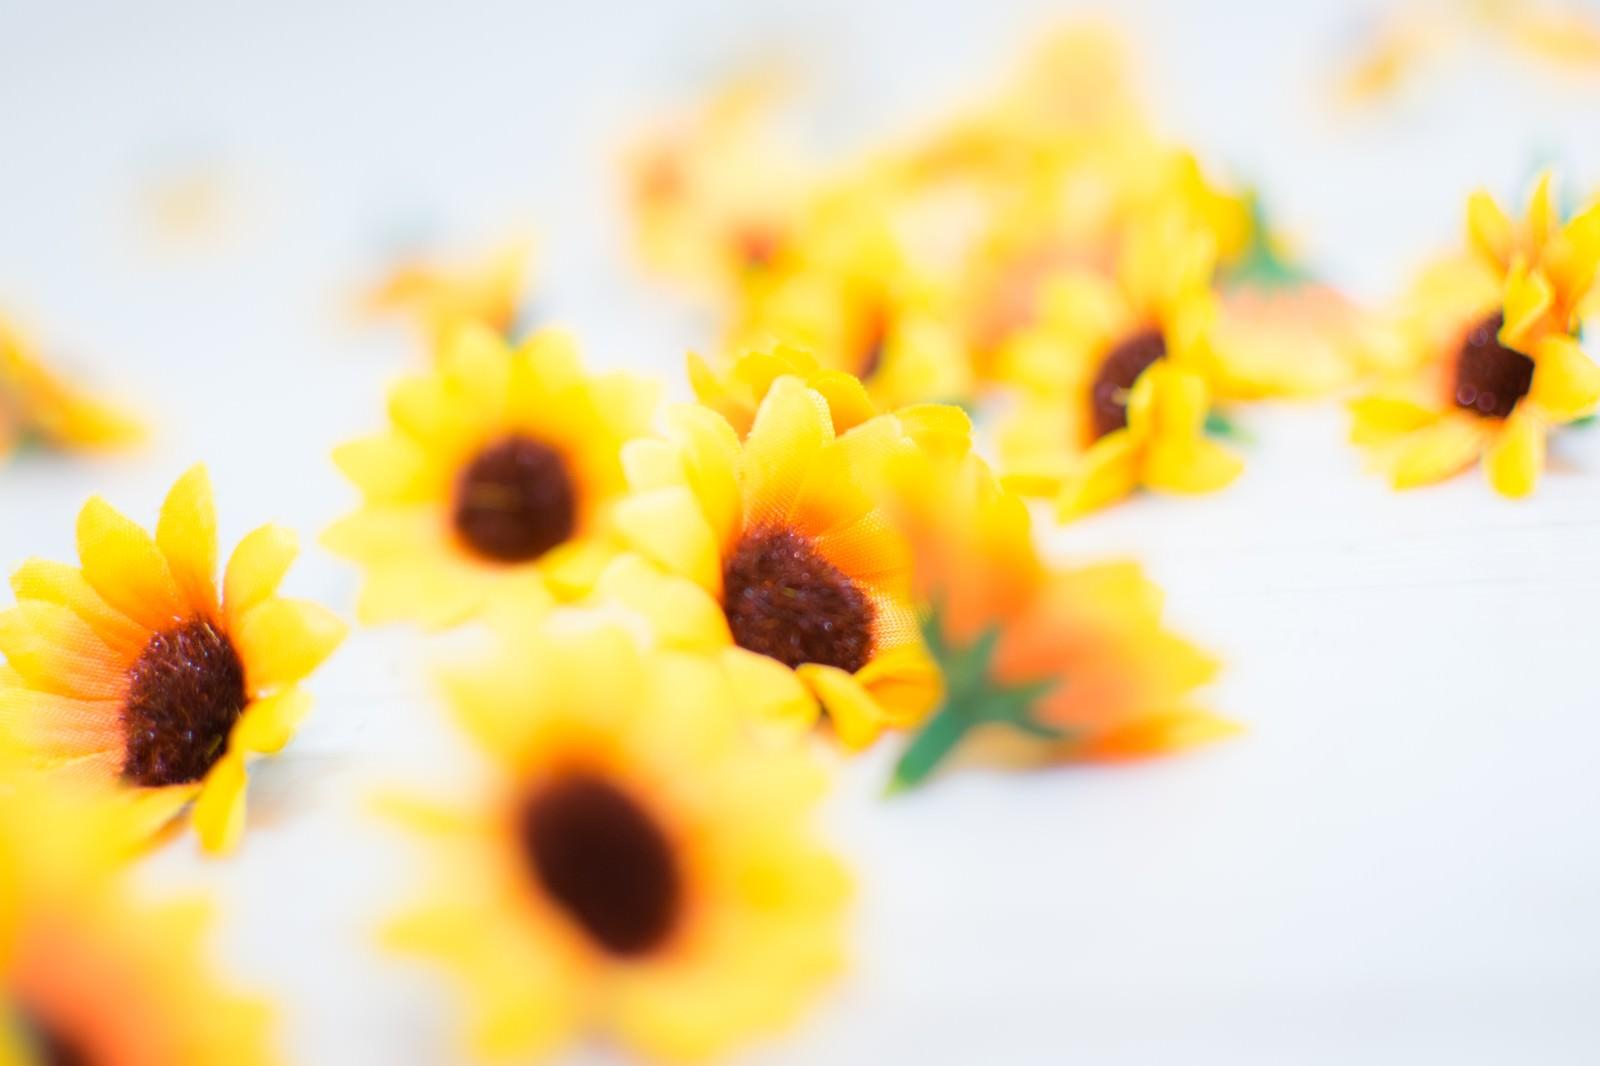 「床に散らばる花のブローチ床に散らばる花のブローチ」のフリー写真素材を拡大